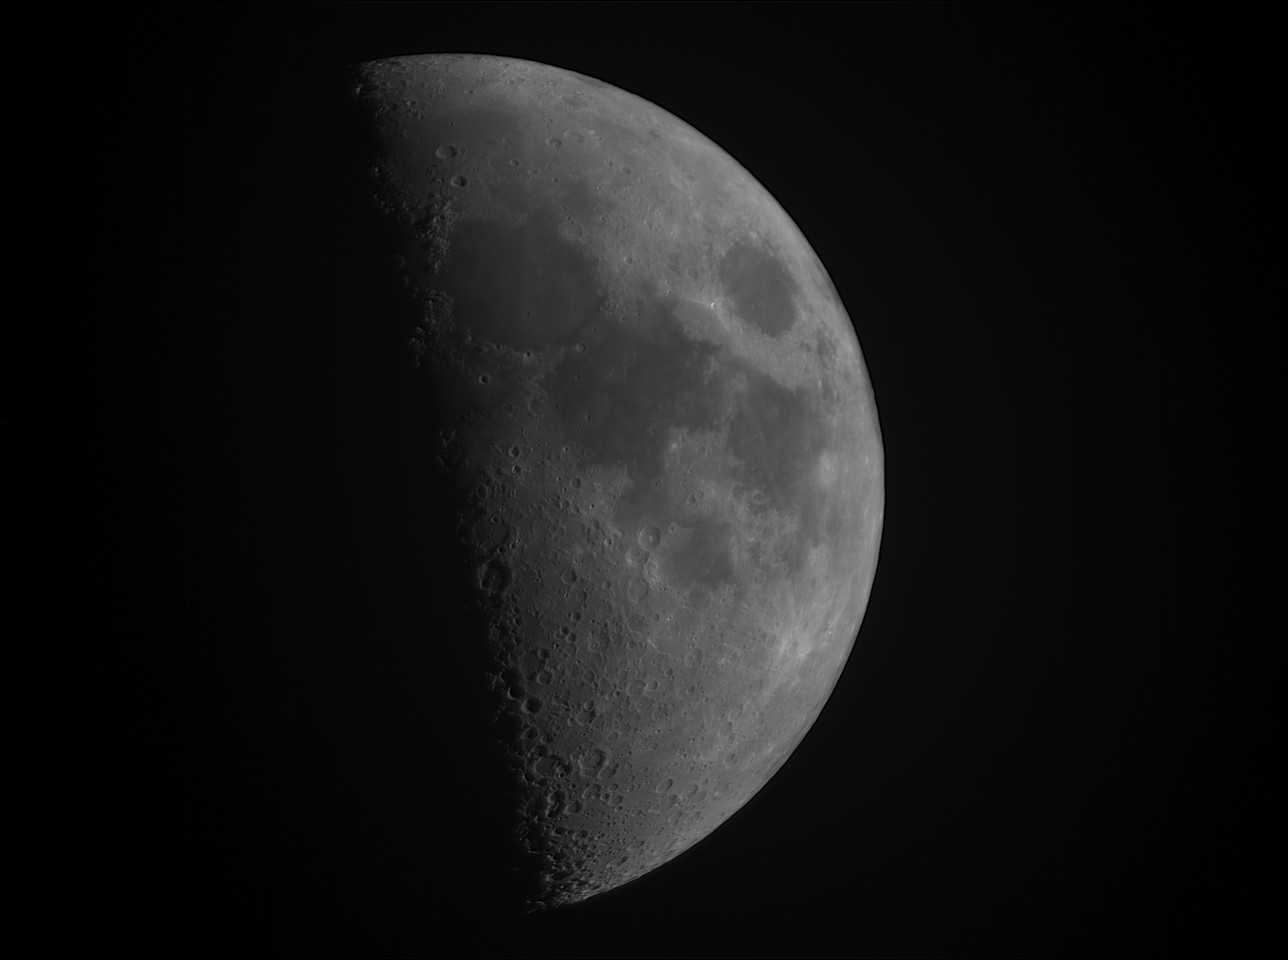 Moon_23_23_23_L_Gain=11_Exposure=1_7ms_2018_04_22_AS_P50_lapl4_ap312_RegistaxWavelet.jpg